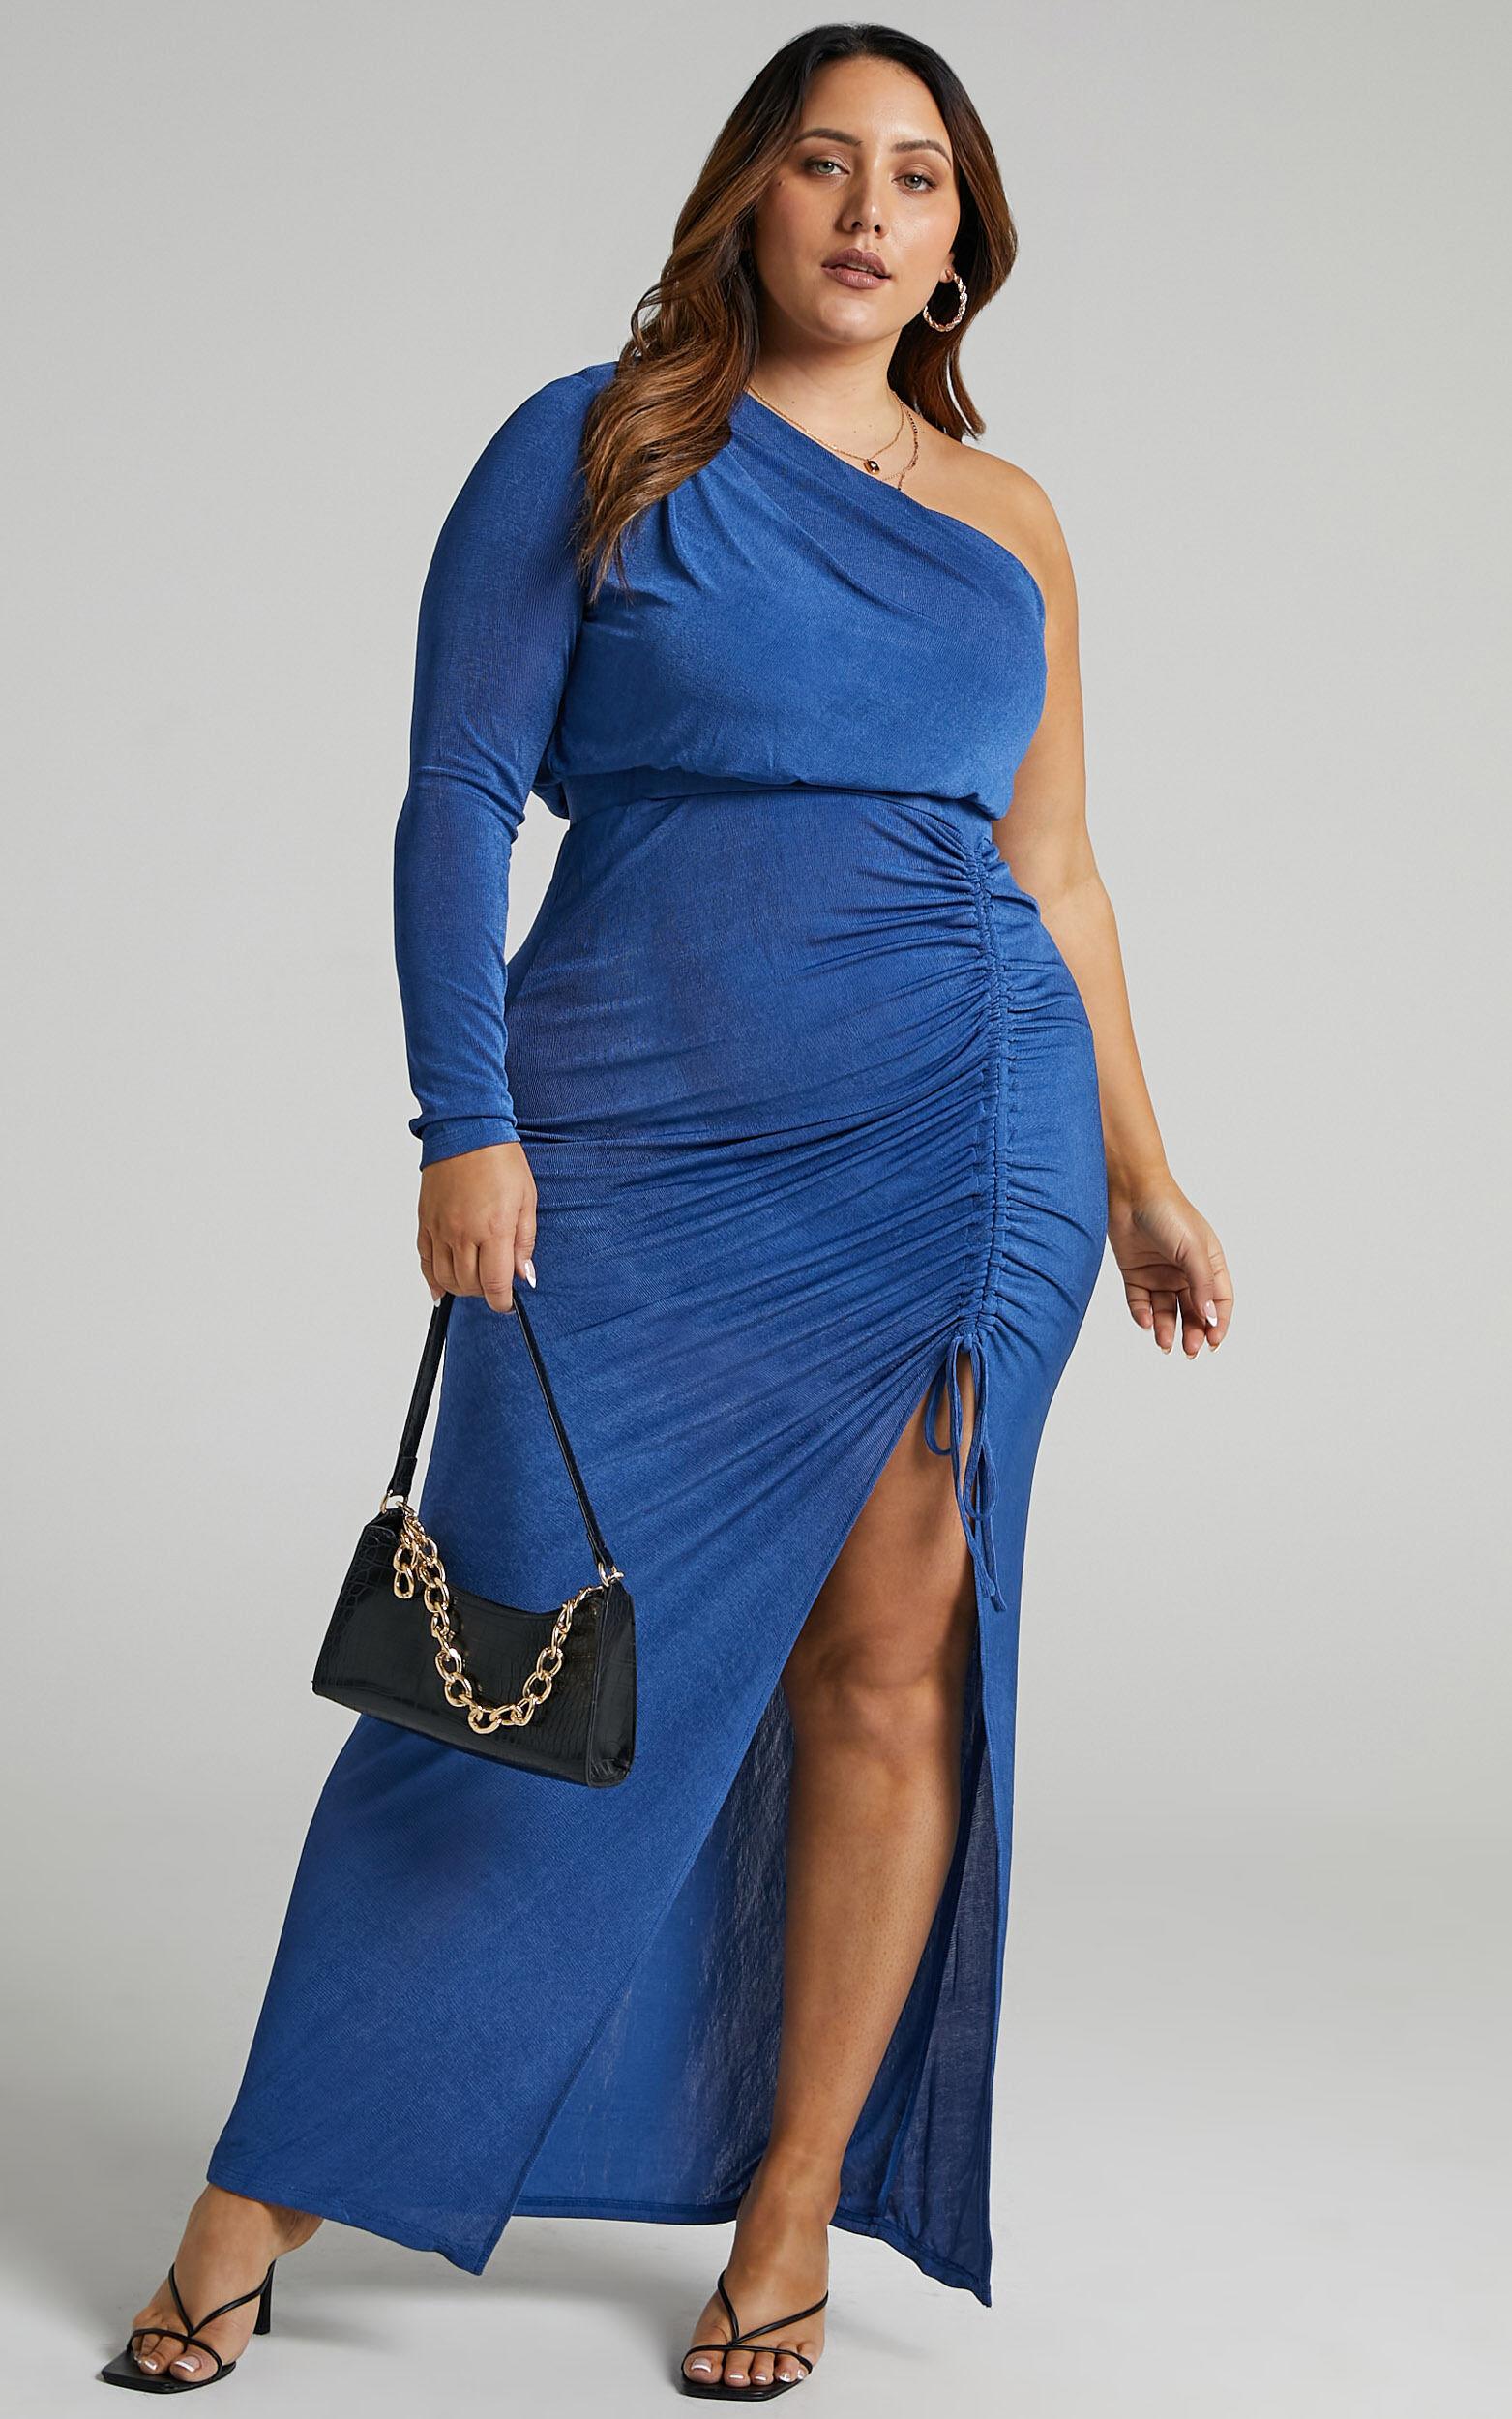 Eleiza One Shoulder Ruched Midi Dress in Cobalt - 20, BLU1, super-hi-res image number null